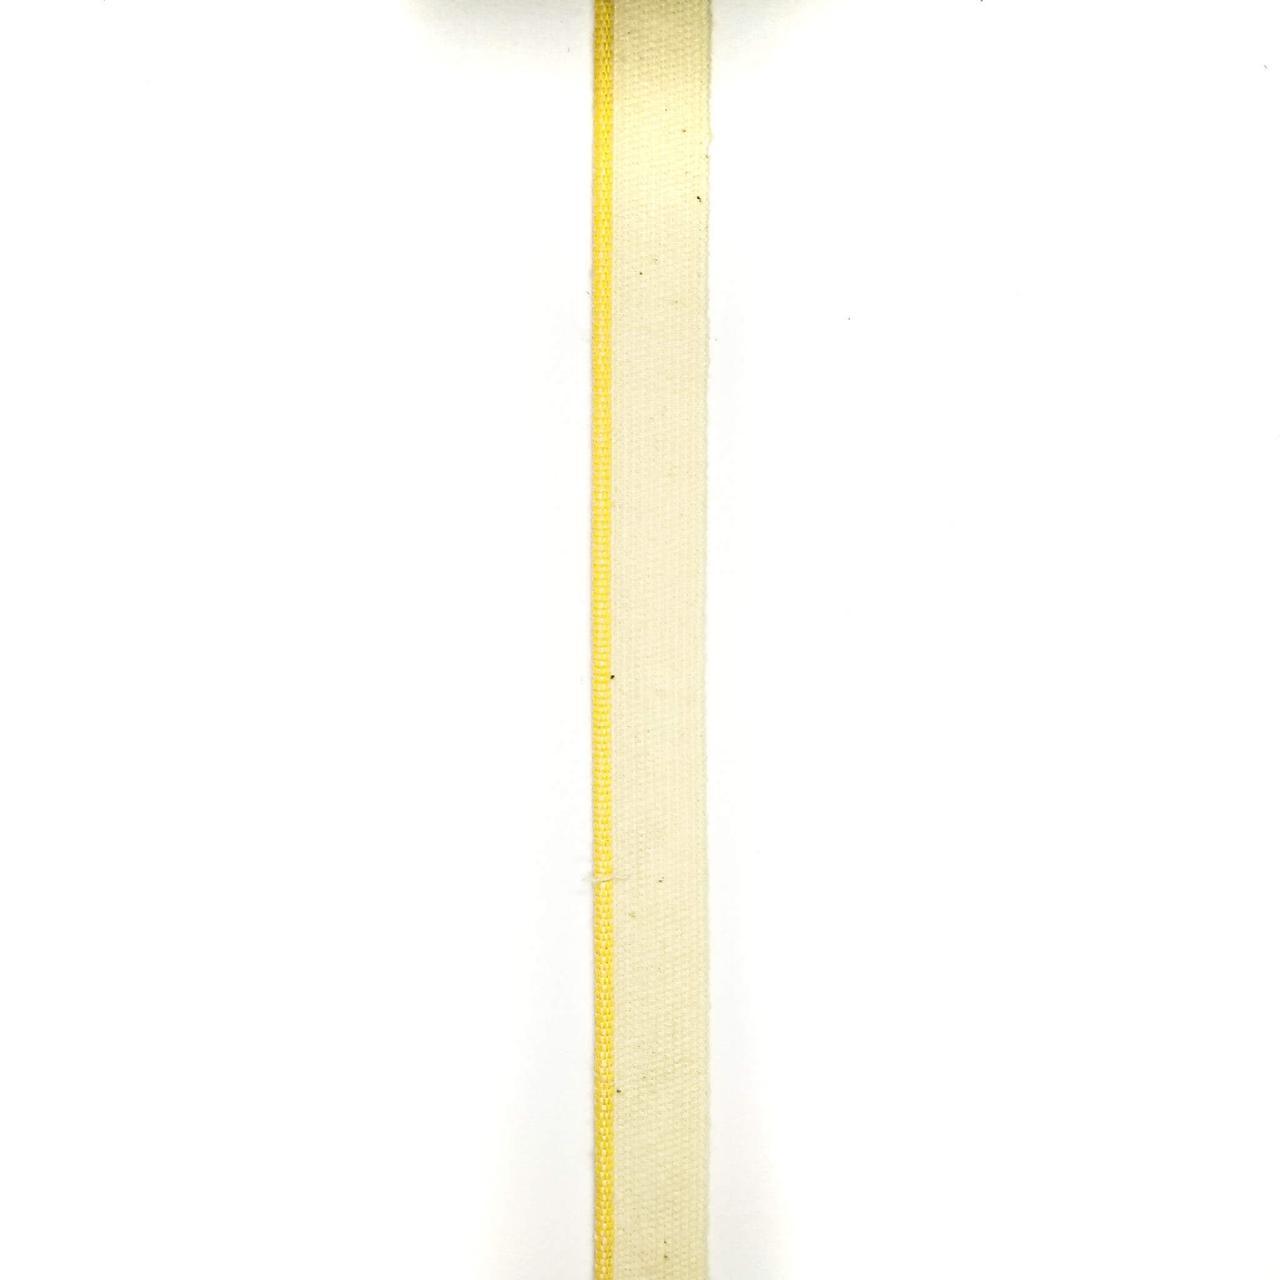 Стрічка каптал бортик бавовна 14 мм (200м/рулон)